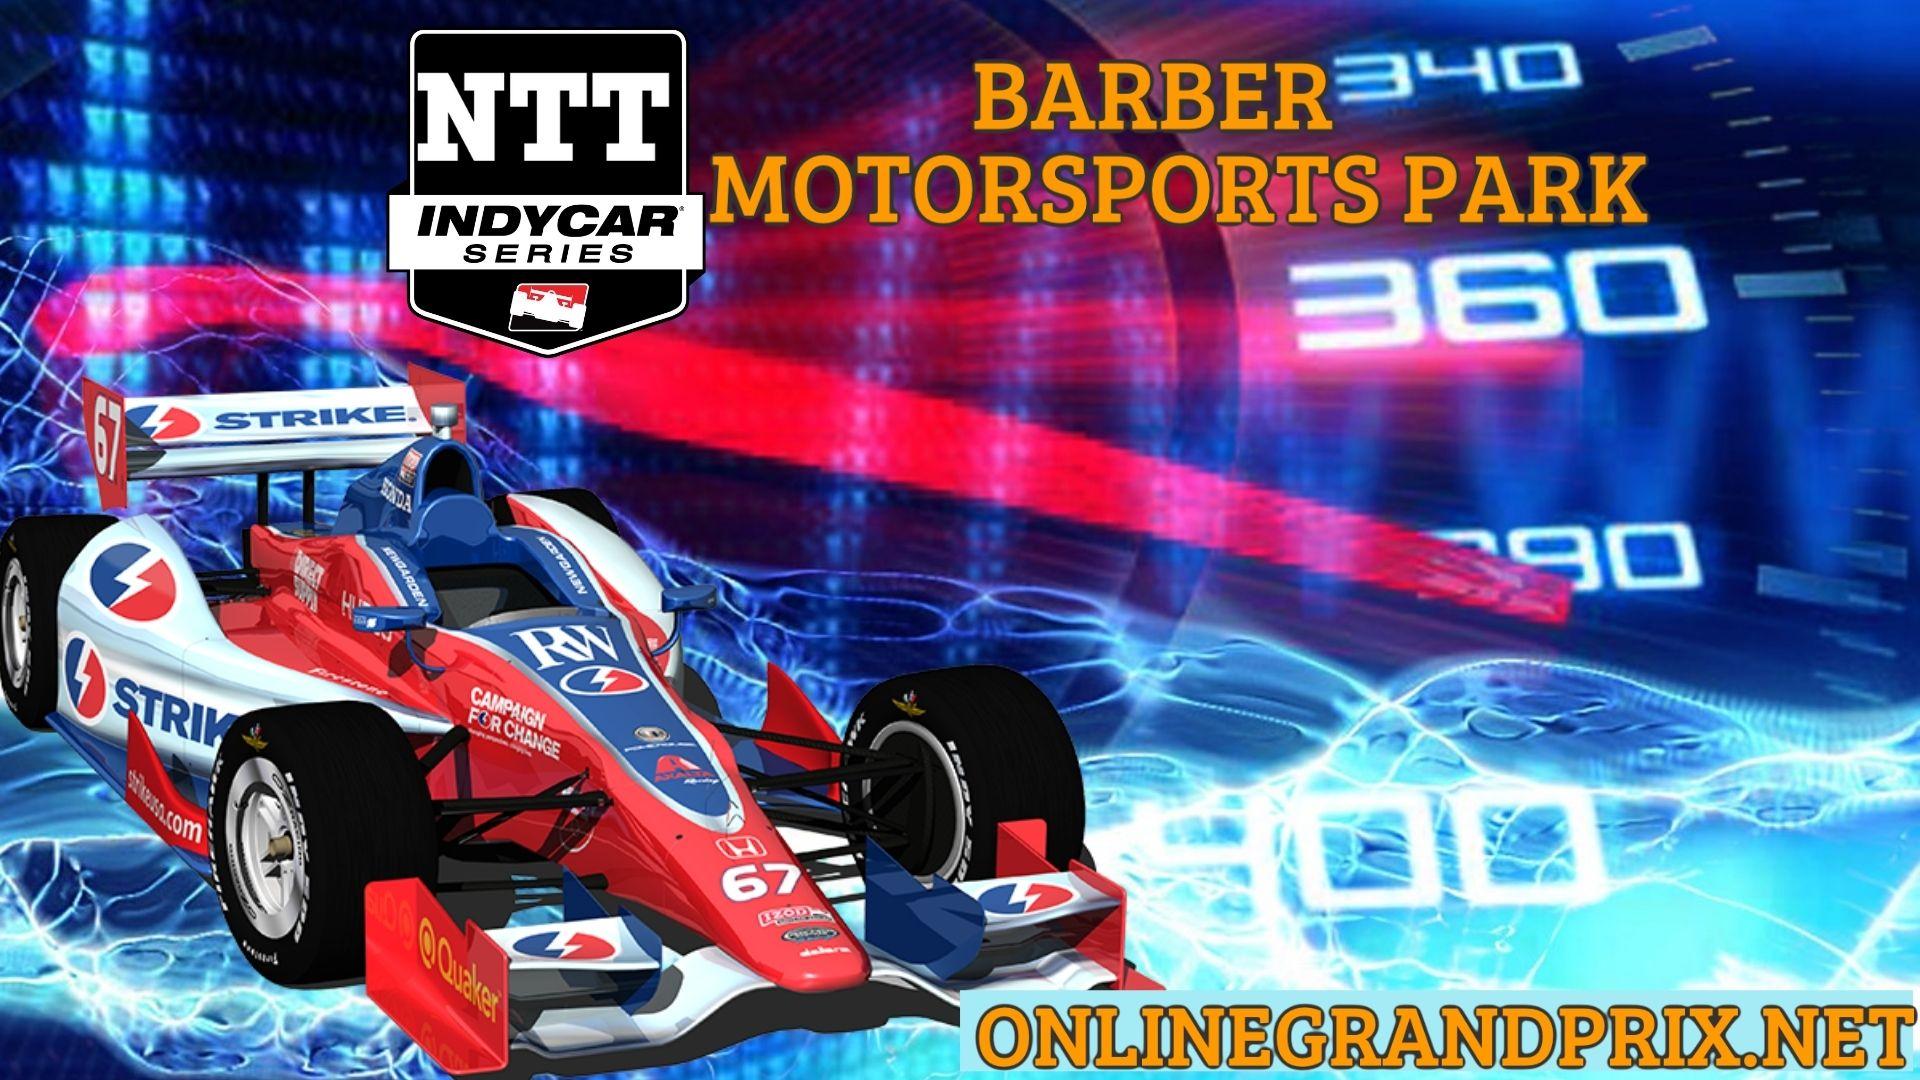 Barber Motorsports Park Live Stream 2021 | INDYCAR